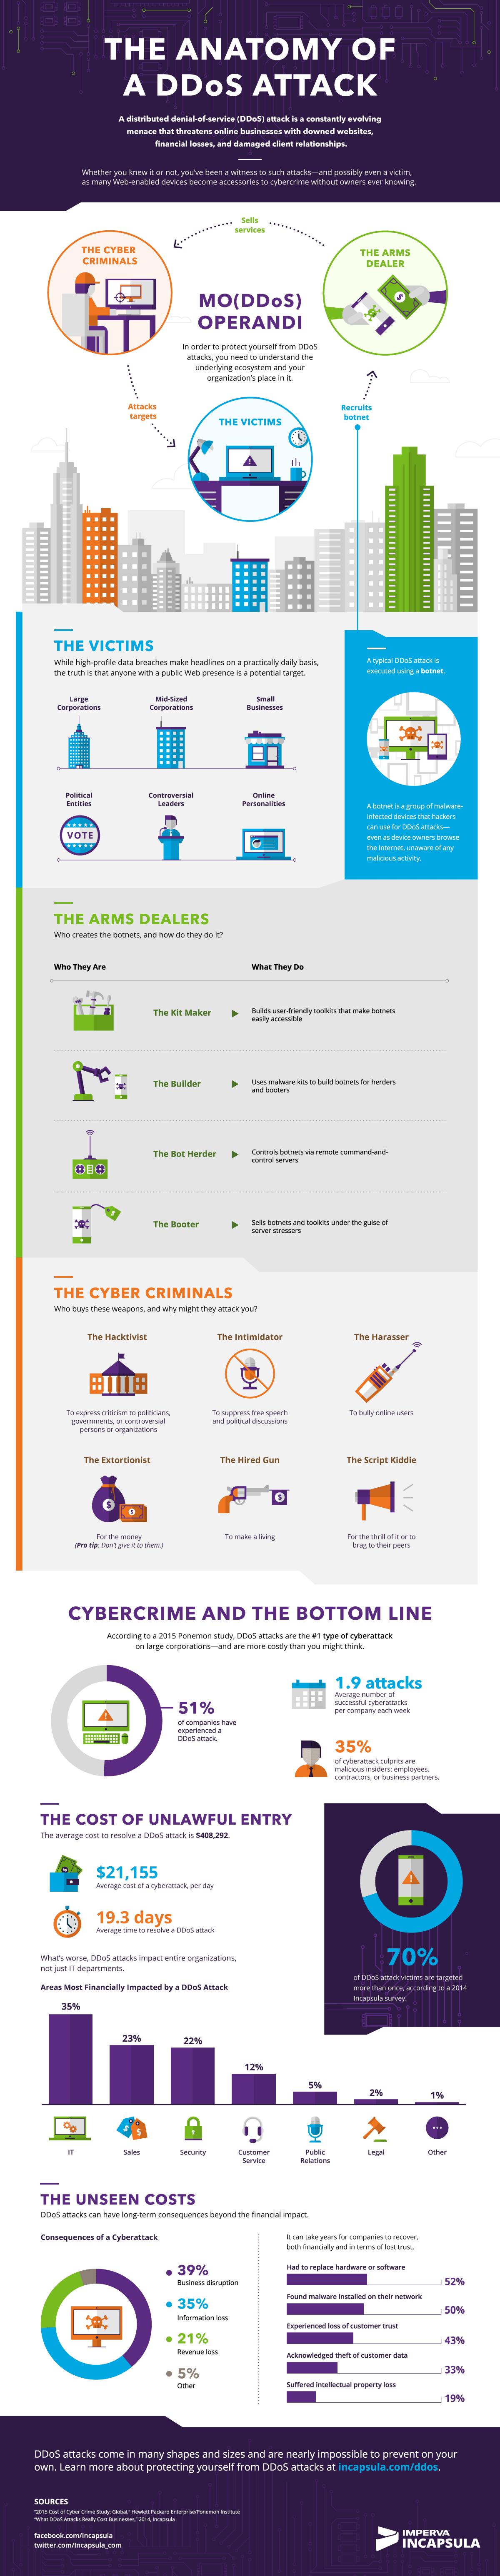 Anatomy-of-a-DDOS-Attack